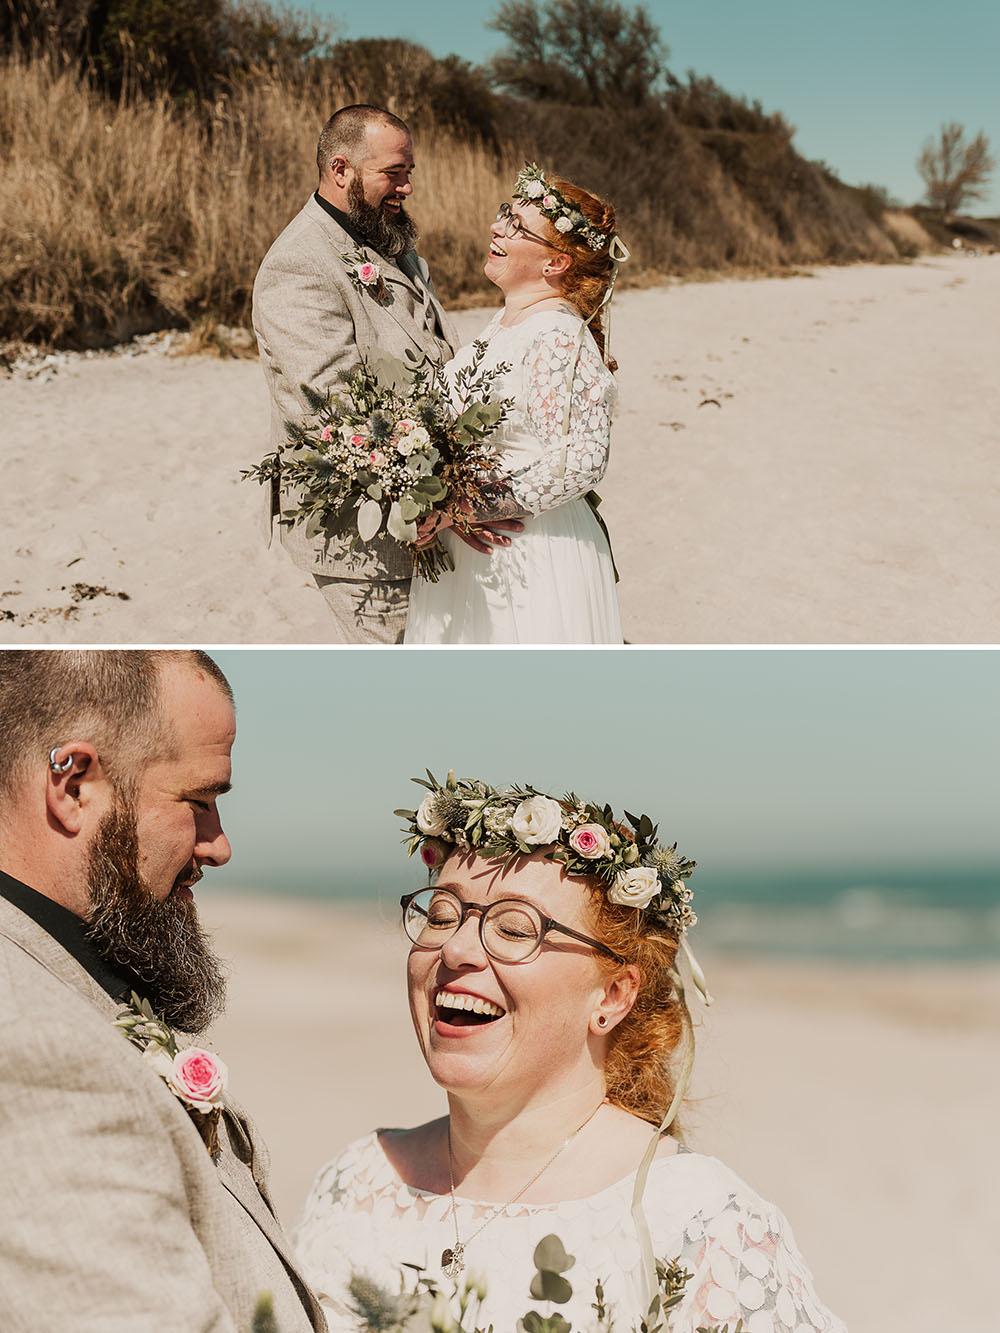 Brautpaarfotos in Pottloch Kronsgard an der Ostsee bei Kappeln